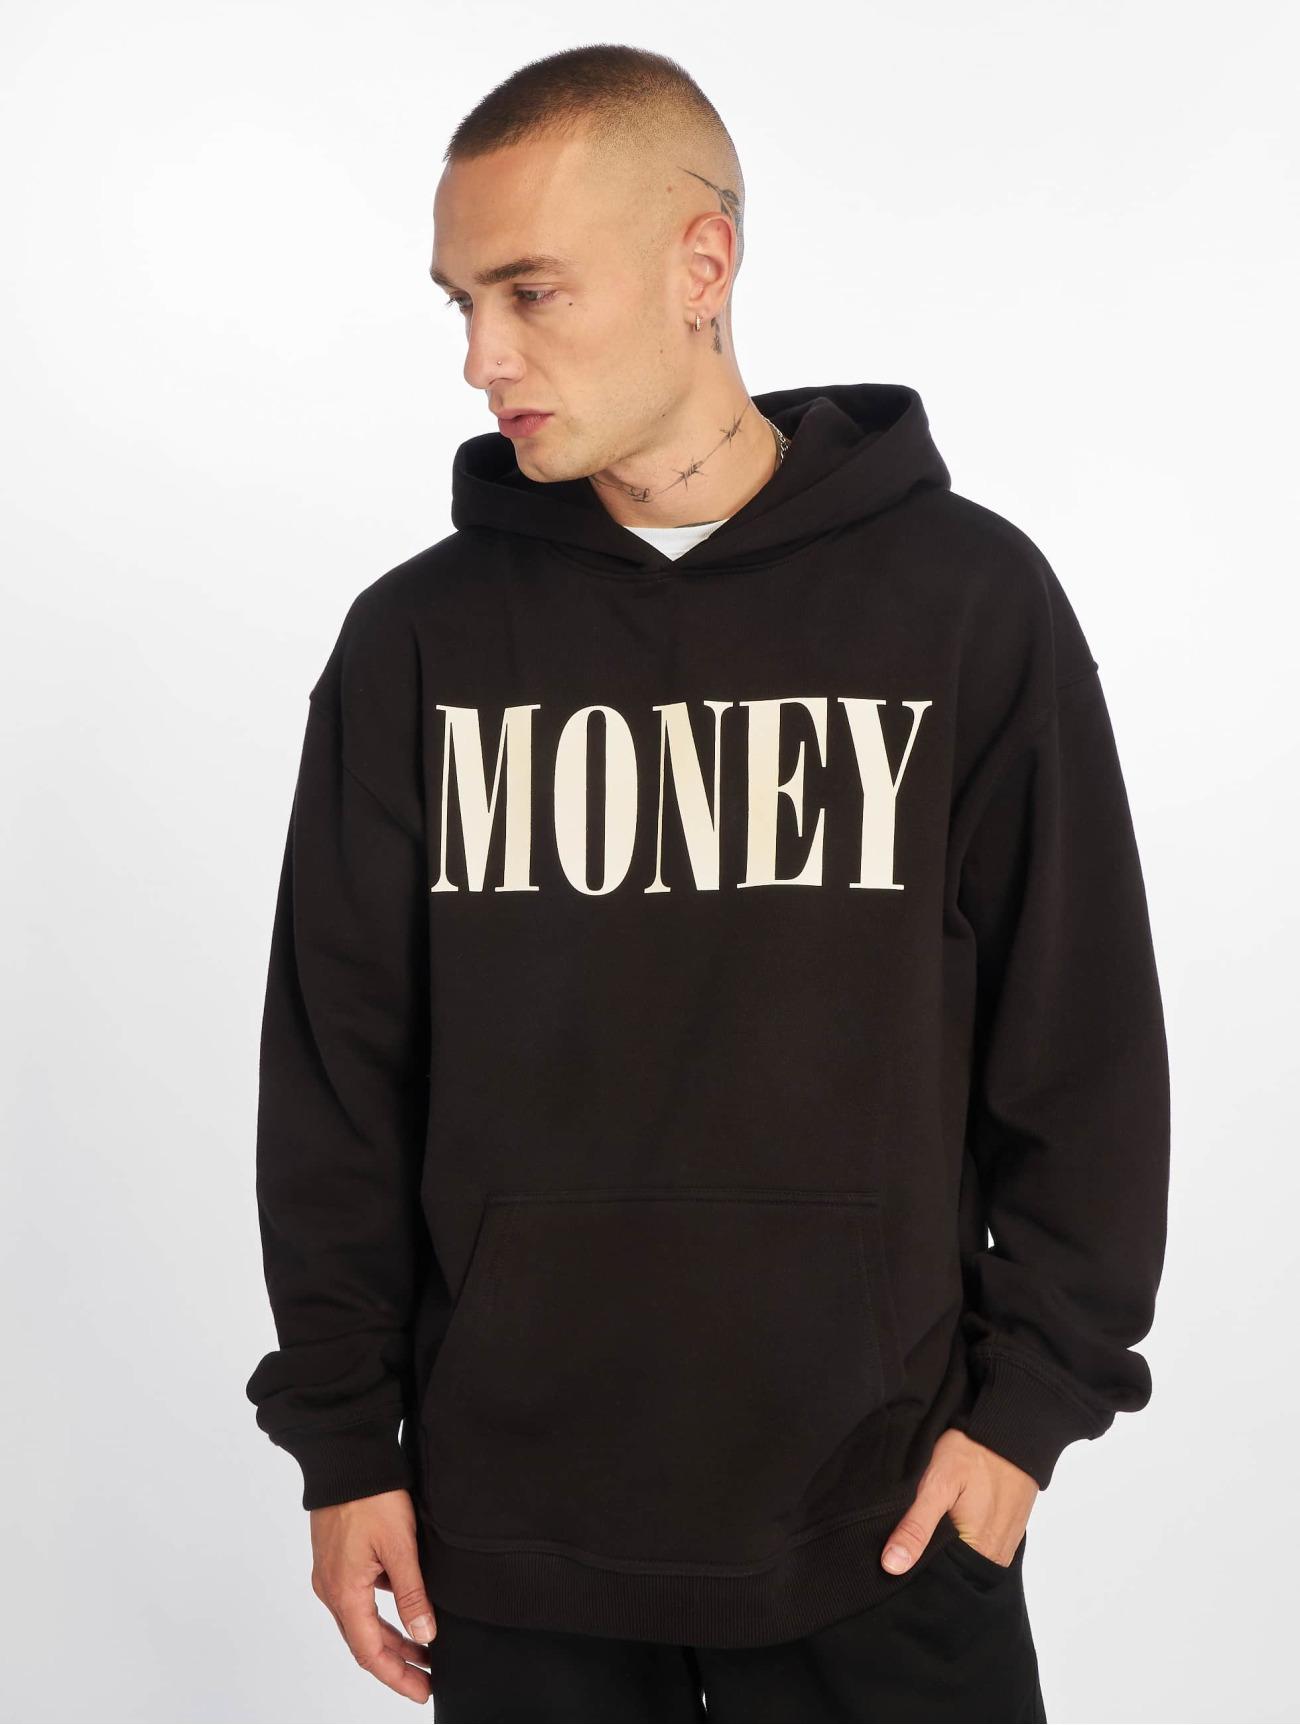 Helal Money Överdel / Hoodie Helal Money i svart 685429 Män Överdelar